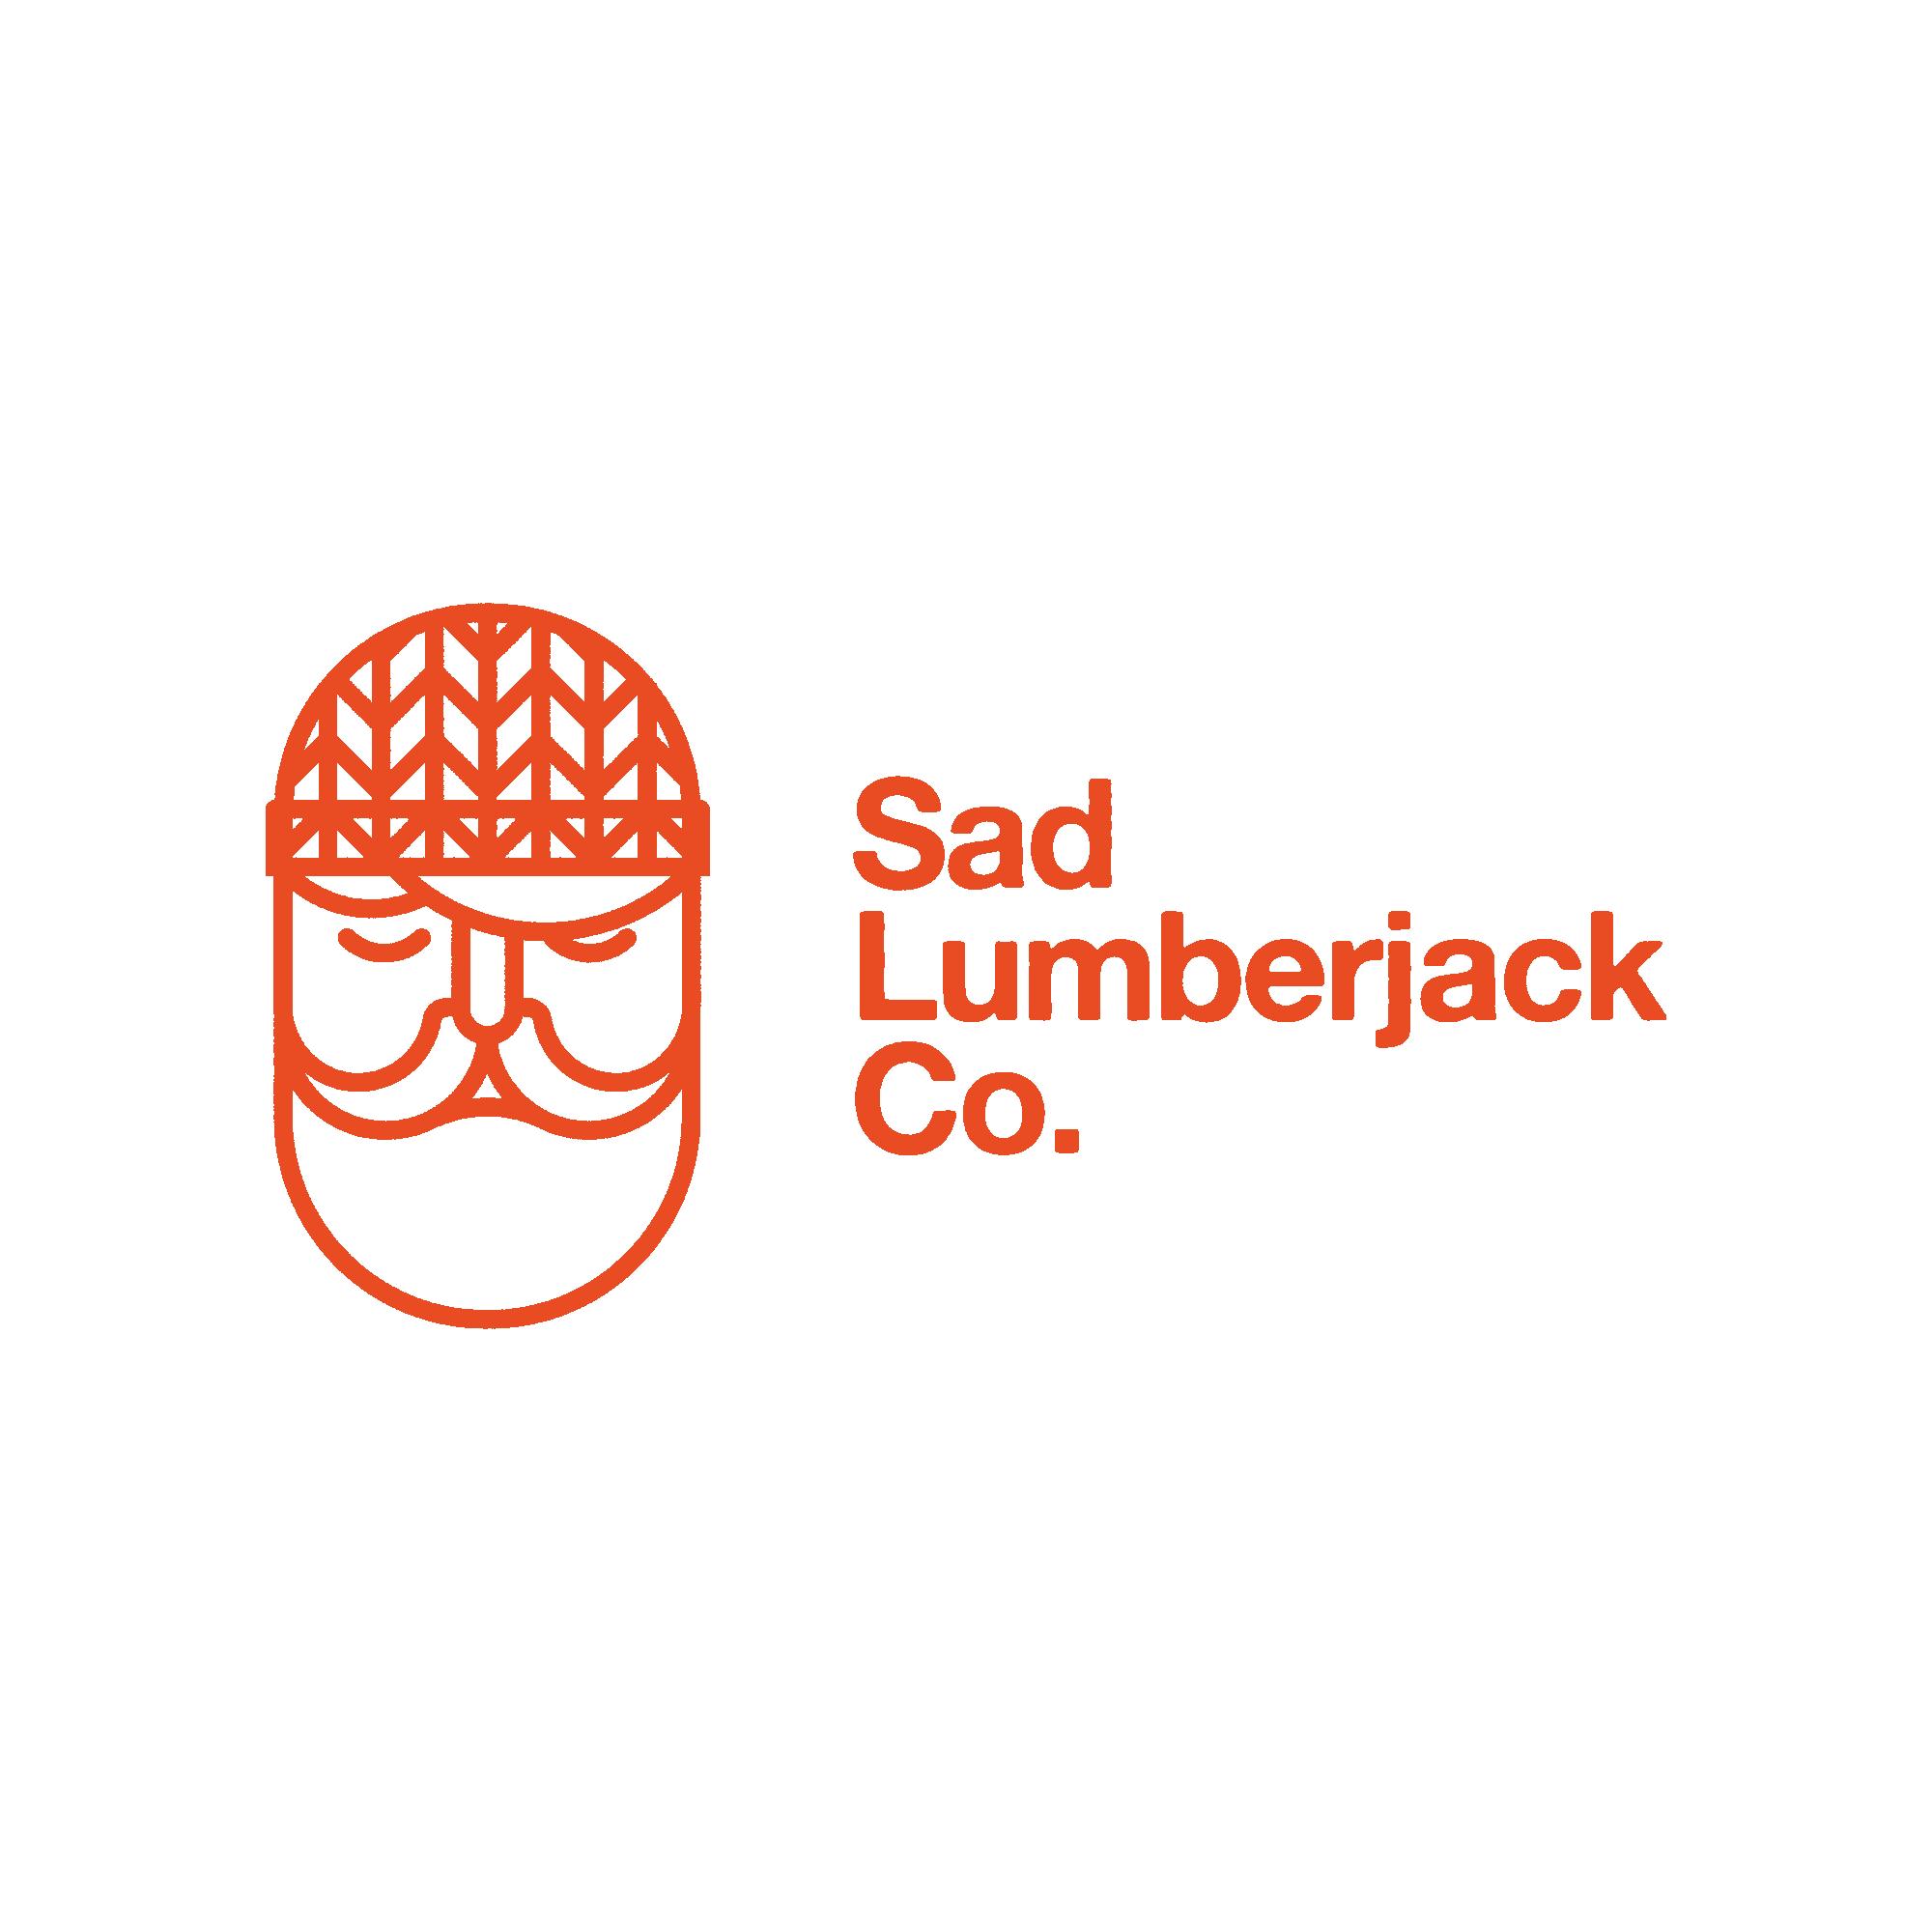 sadlumberjack.png